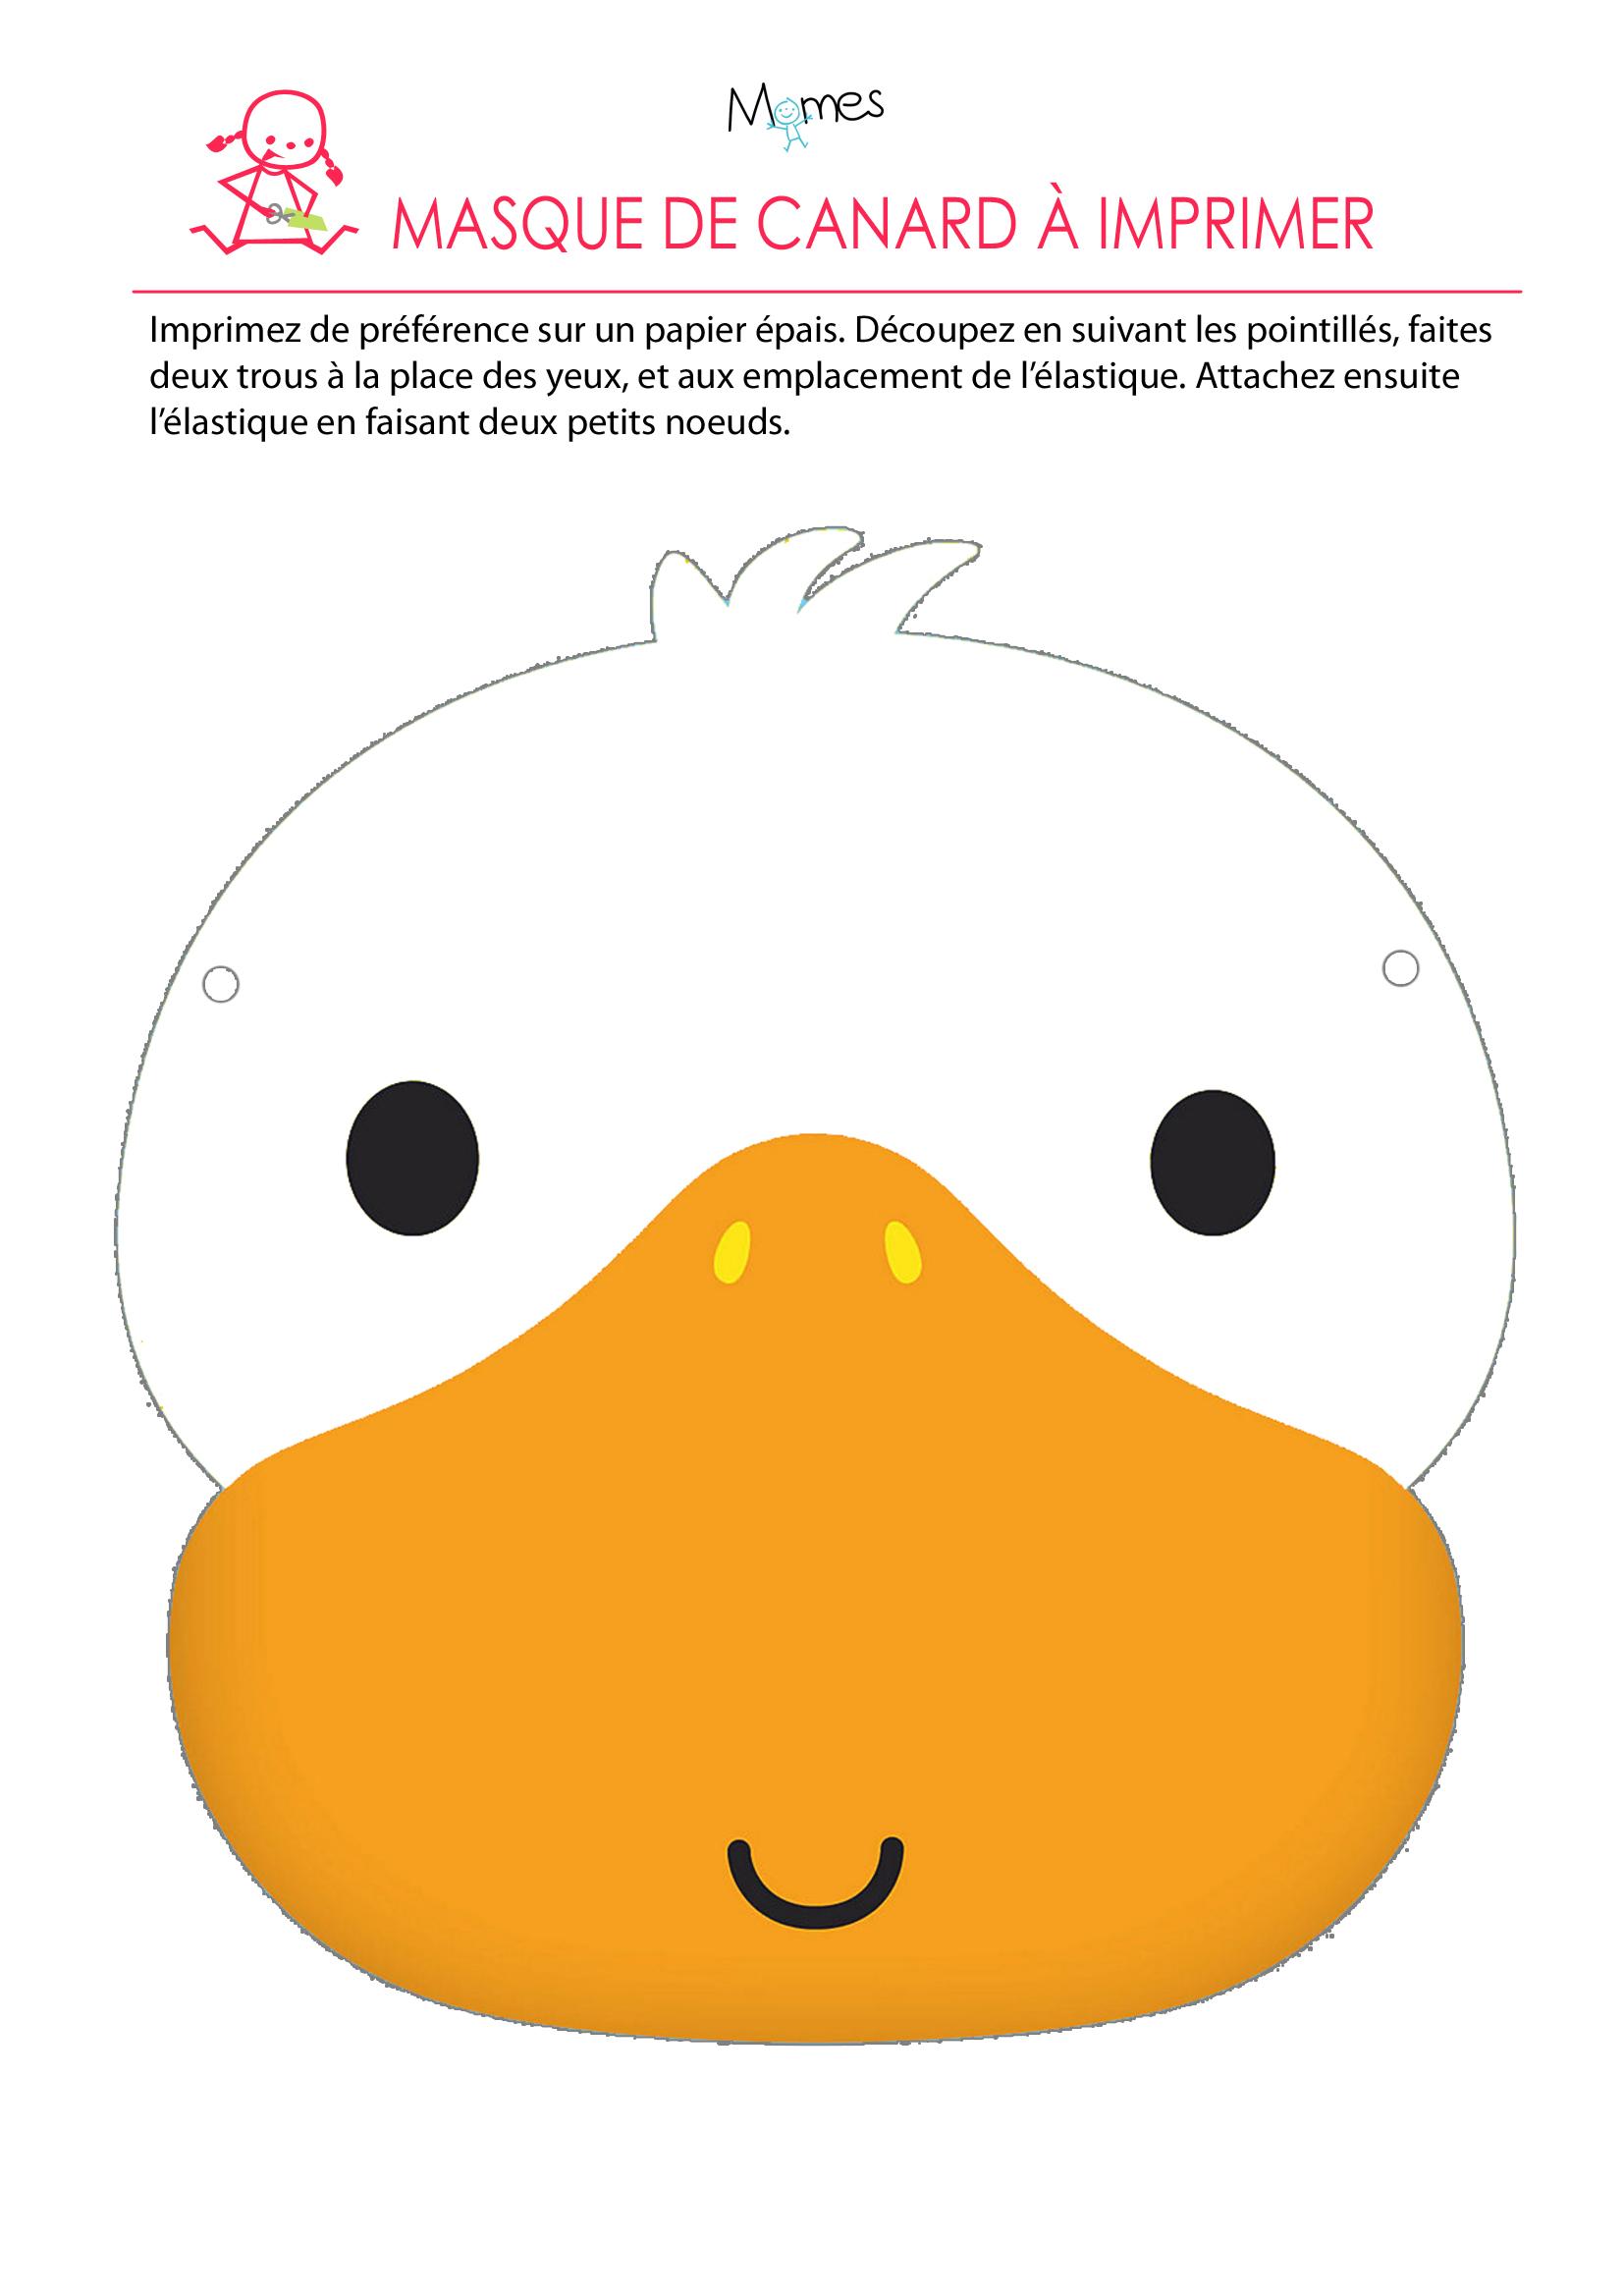 Les masques du Carnaval: le masque de canard